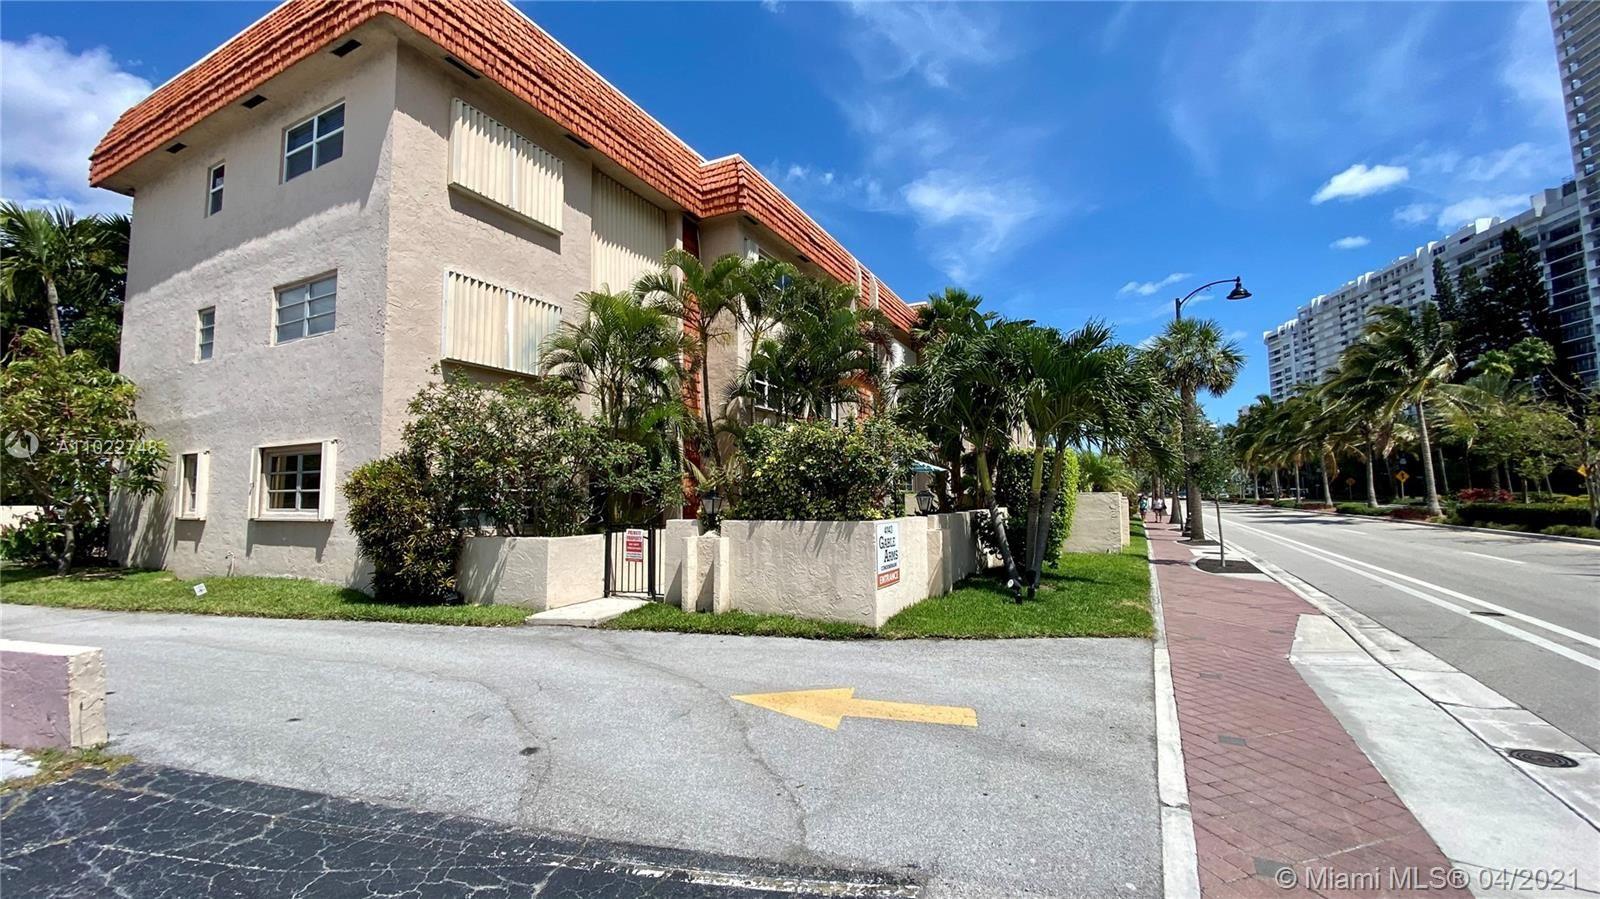 Photo of 4143 N Ocean Blvd #302, Fort Lauderdale, FL 33308 (MLS # A11022748)